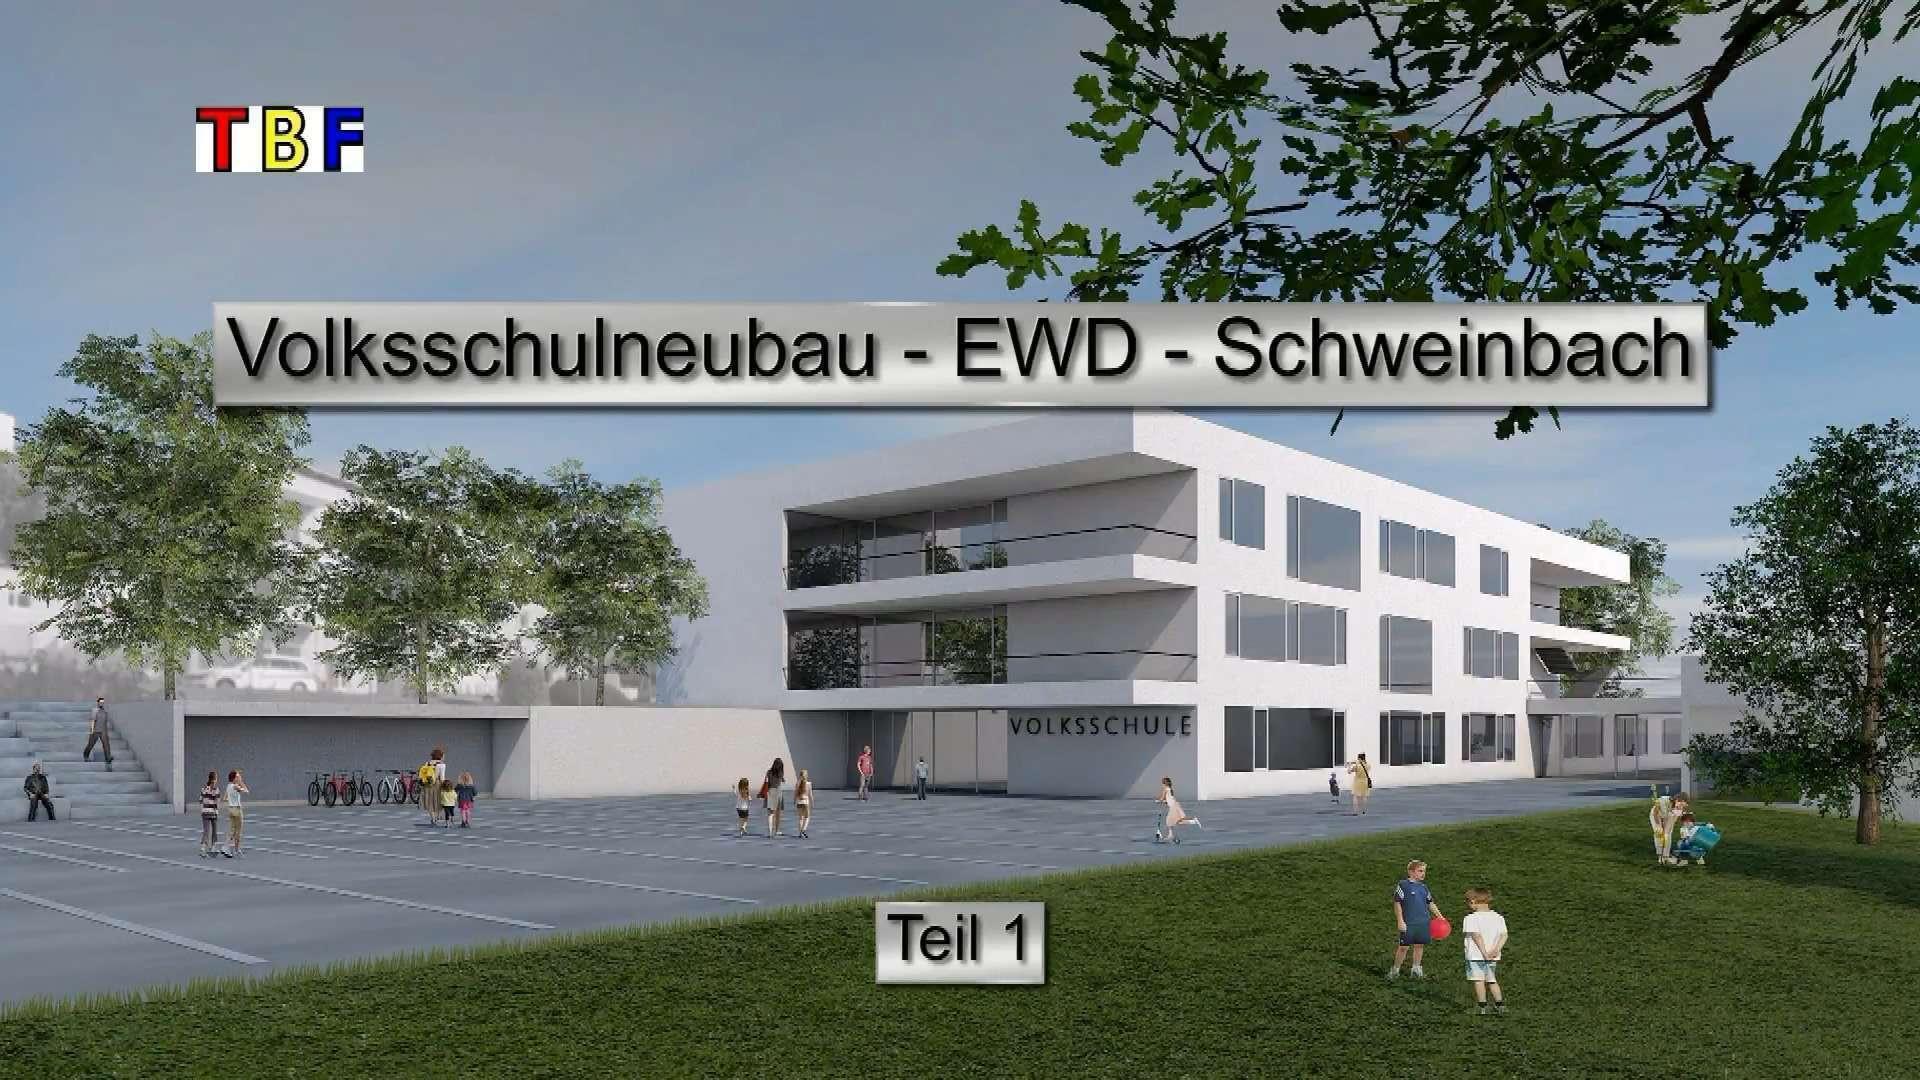 Volksschulneubau EWD - Schweinbach. Teil 1